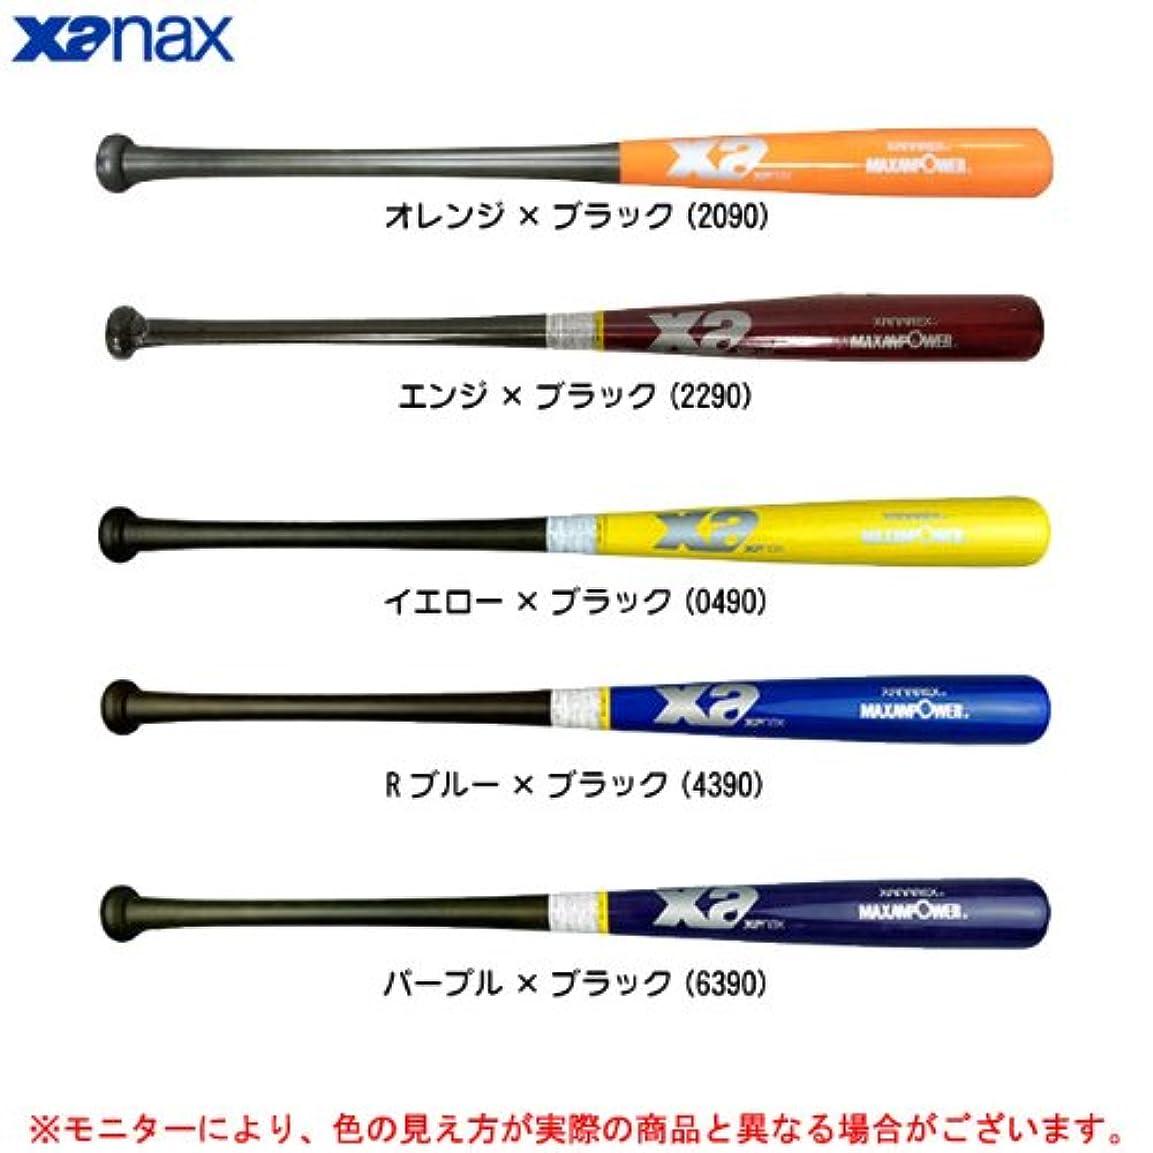 仮定、想定。推測母性天国Xanax(ザナックス) 硬式竹バット BHB-1672 野球 トレーニングバット (イエロー×ブラック(0490), 84cm/900g平均)